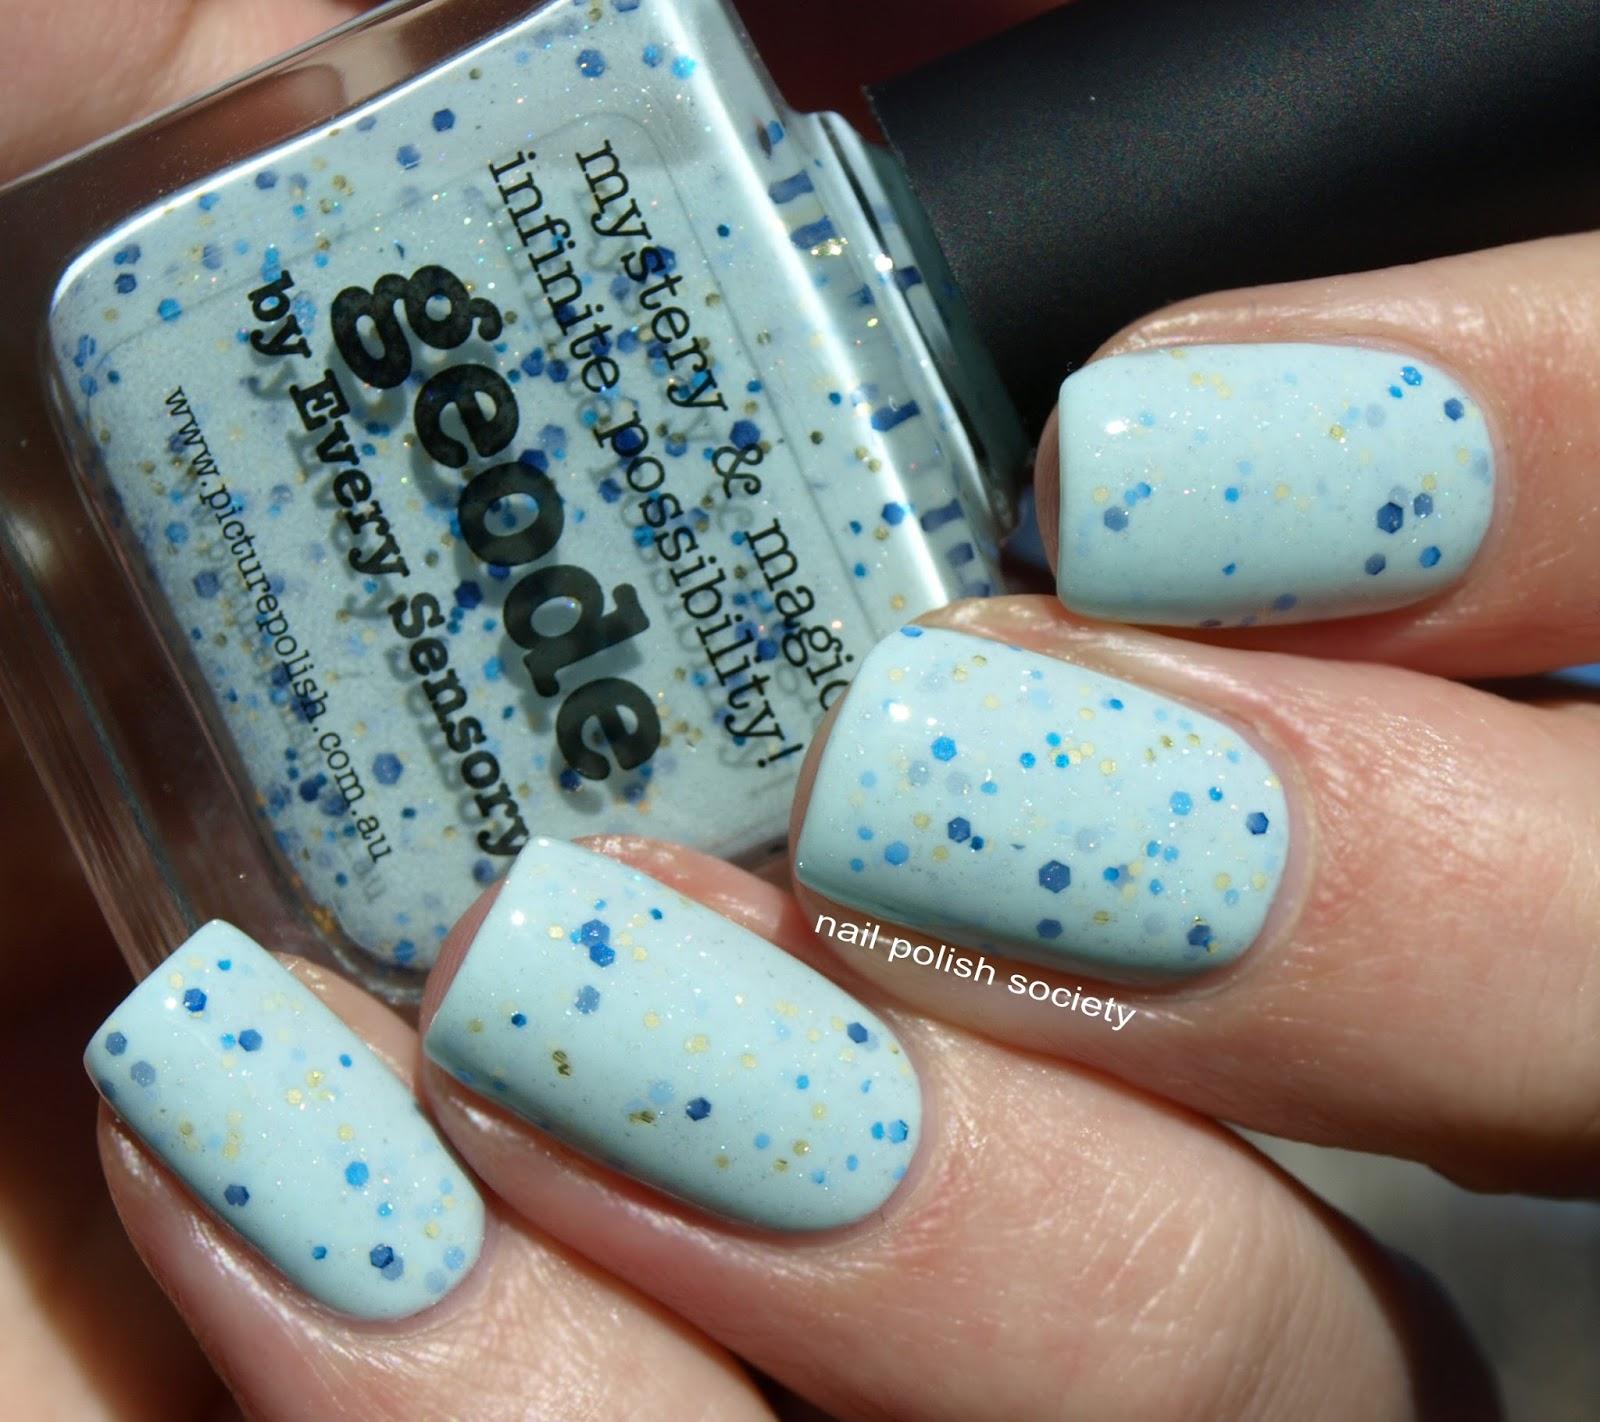 Nail Polish Society: January 2015